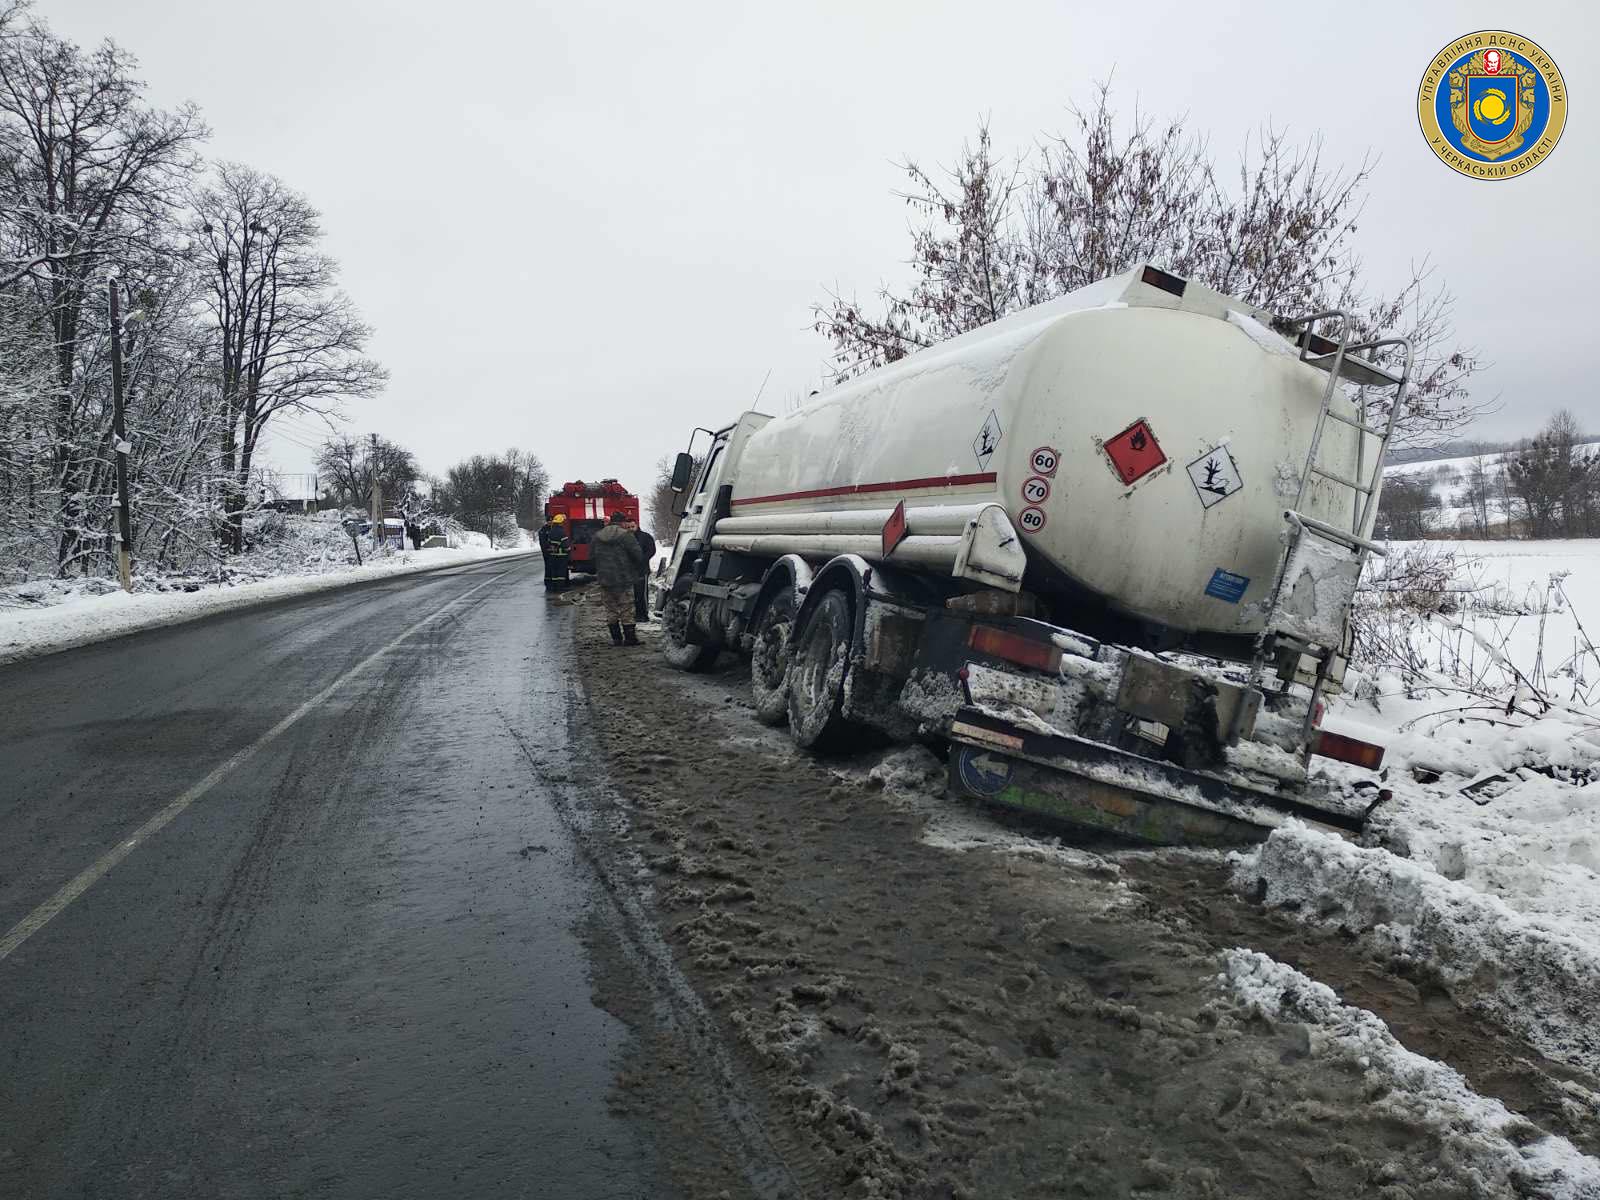 Водій намагався уникнути ДТП: на Черкащині ледь не перекинулася цистерна з дизпаливом (ФОТО)